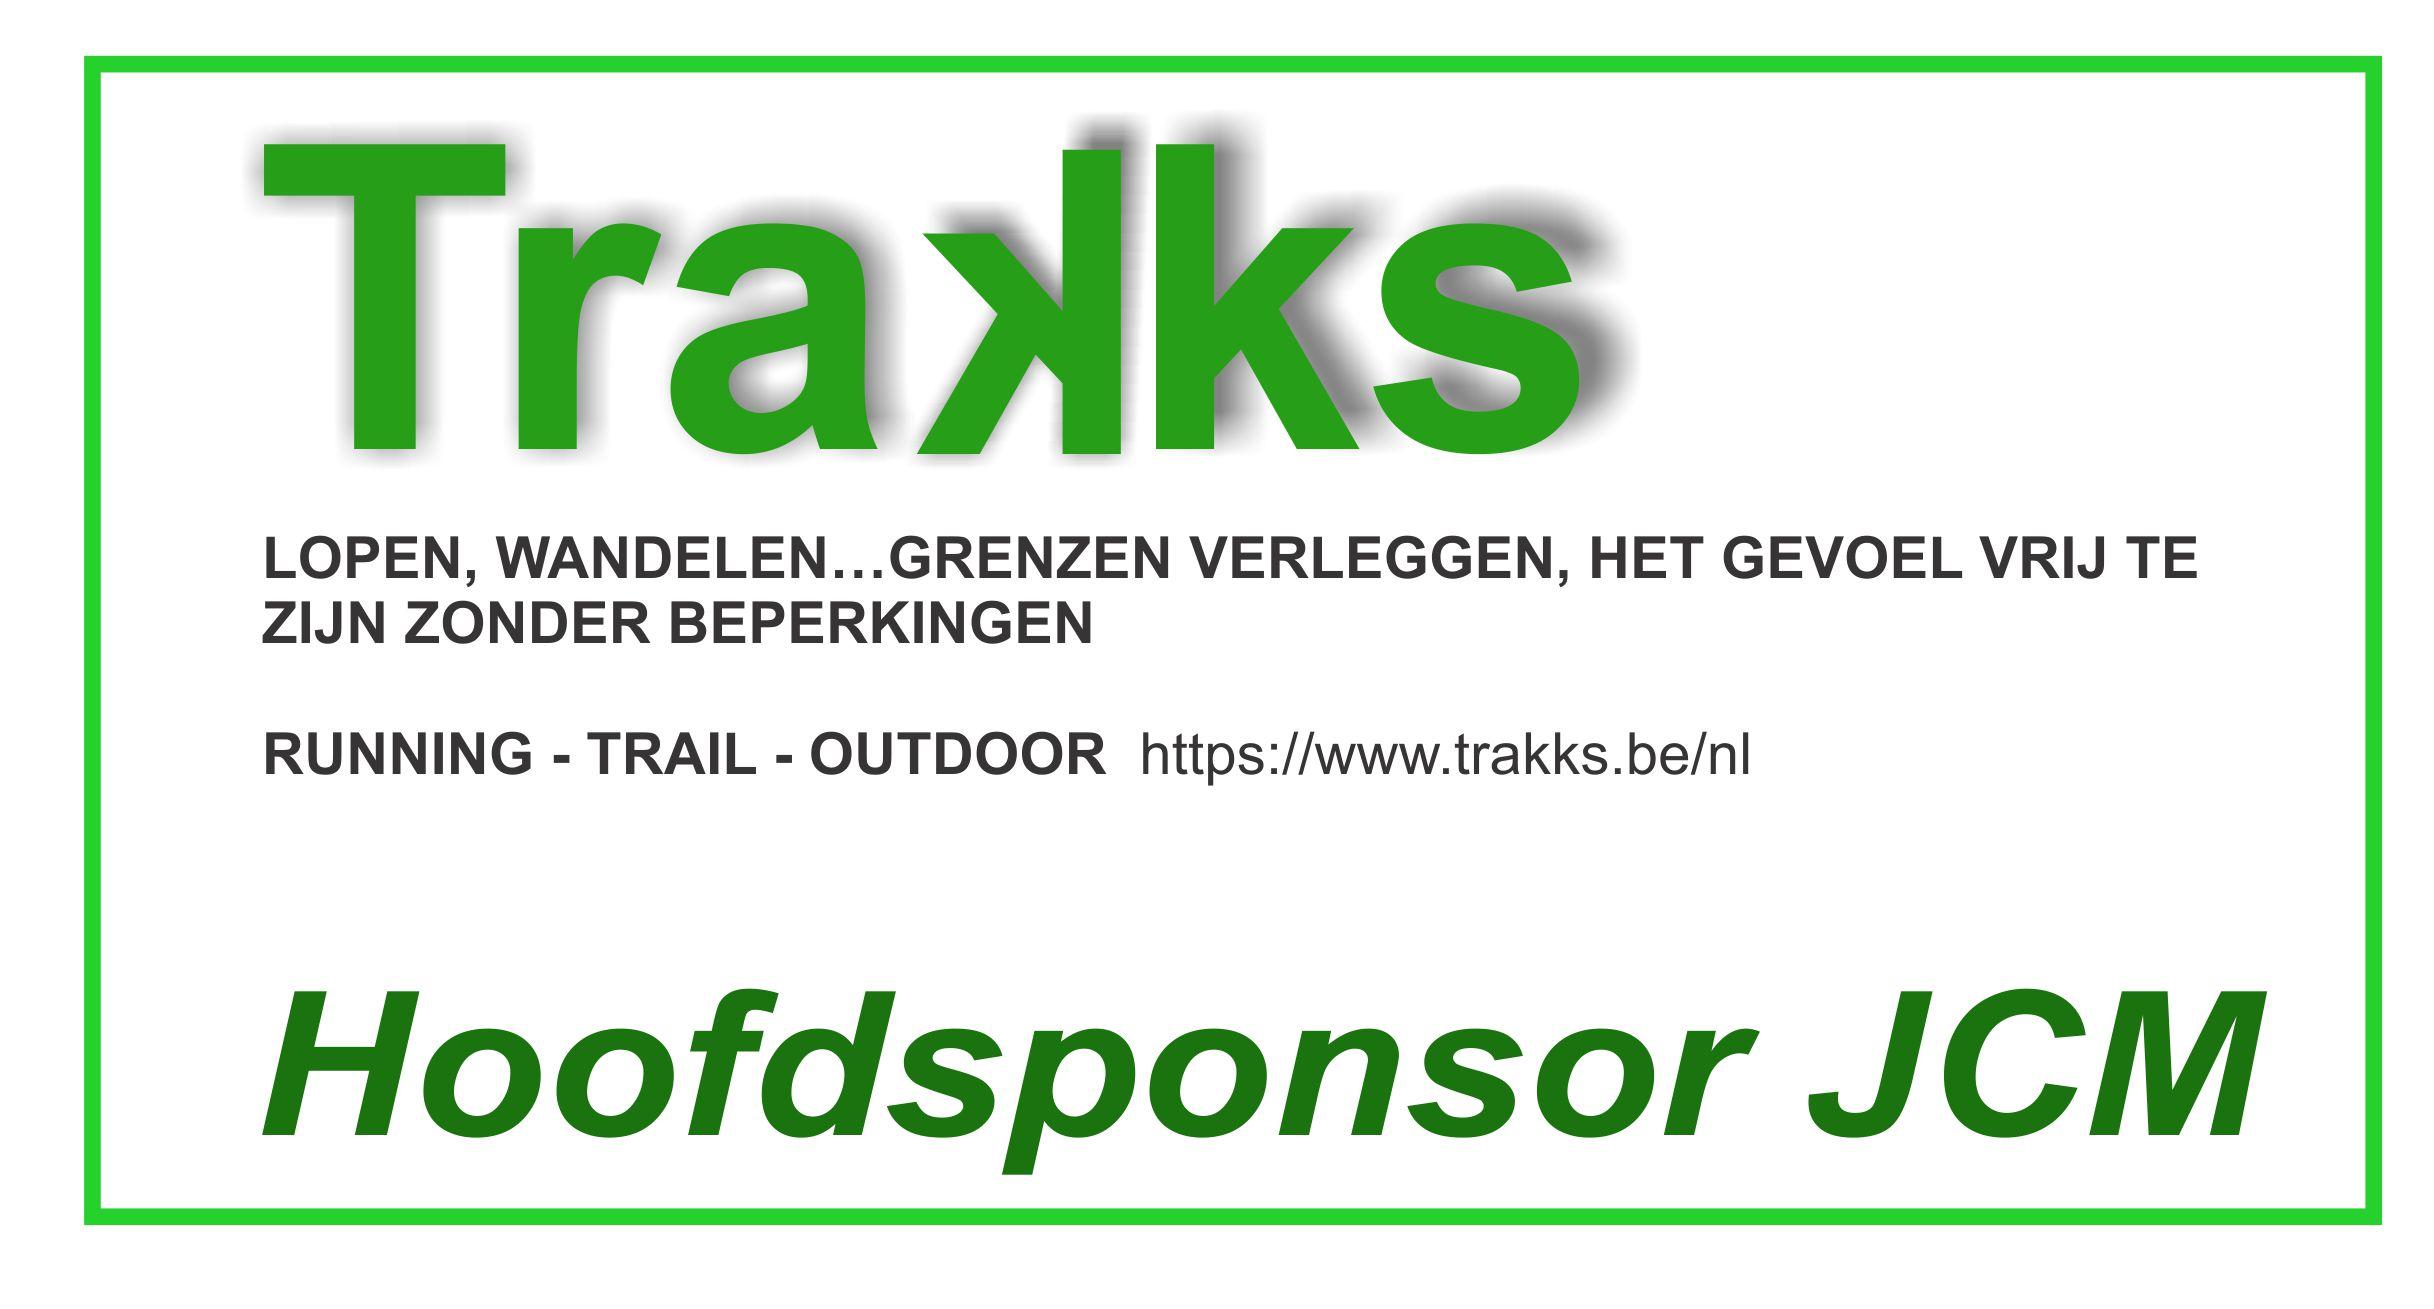 http://www.joggingclubmoerbeke.be/2019/sponsors/2019trakks.jpg